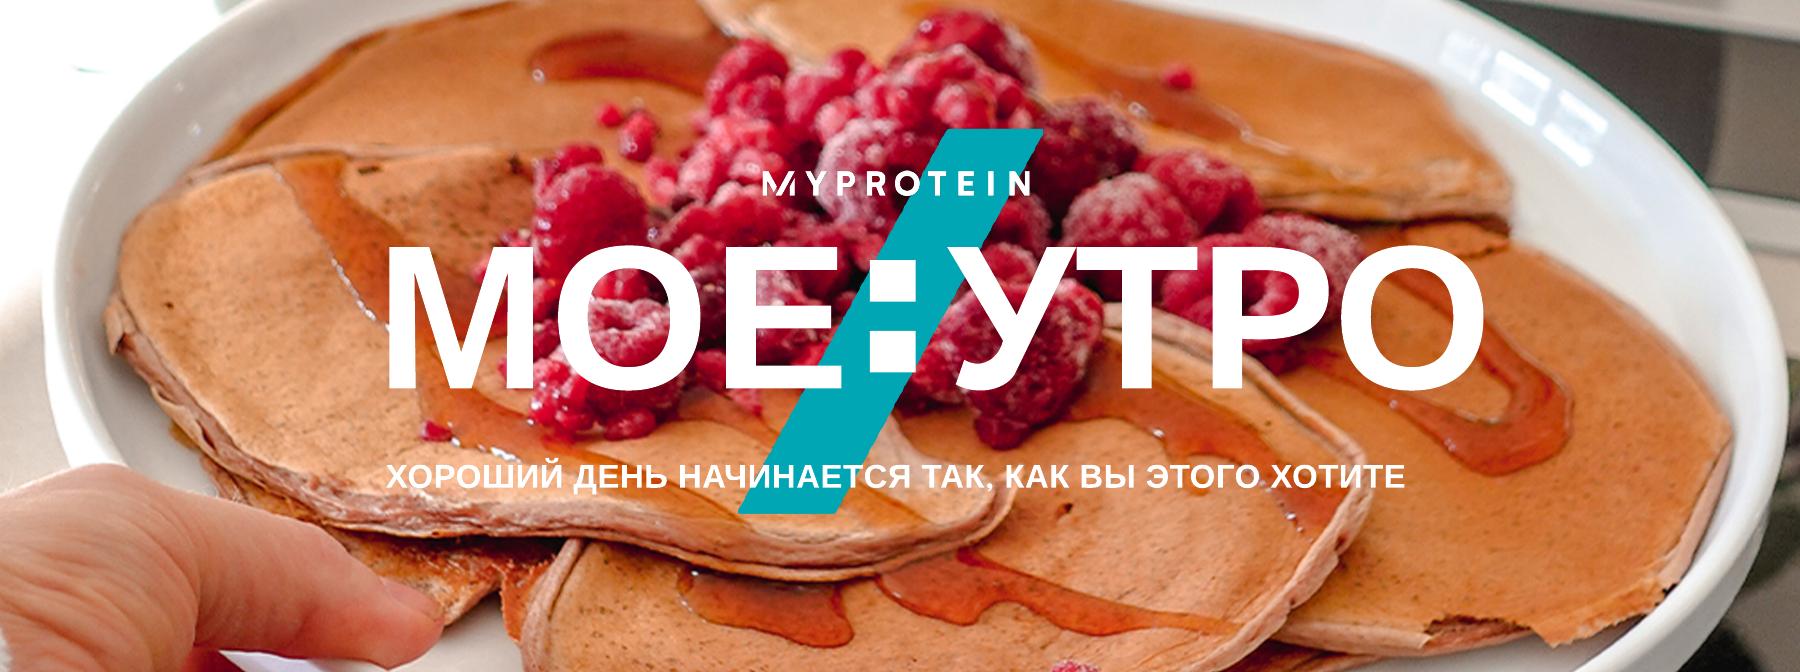 Myprotein Best Sellers